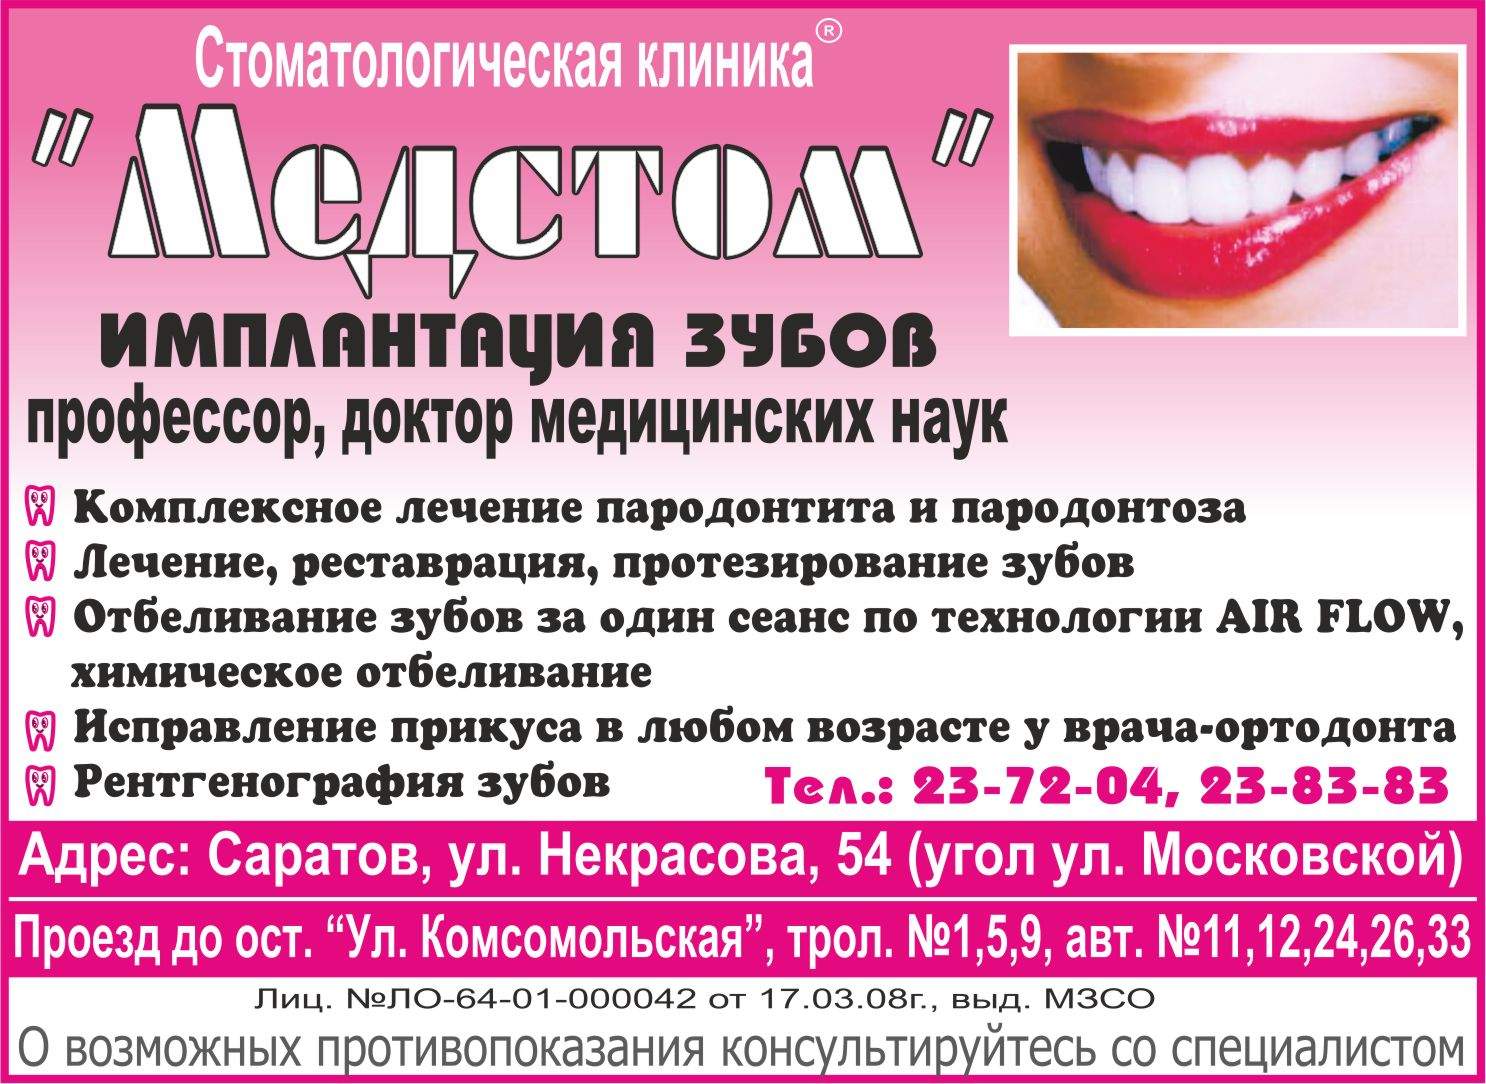 Стоматологическая клиника Медстом